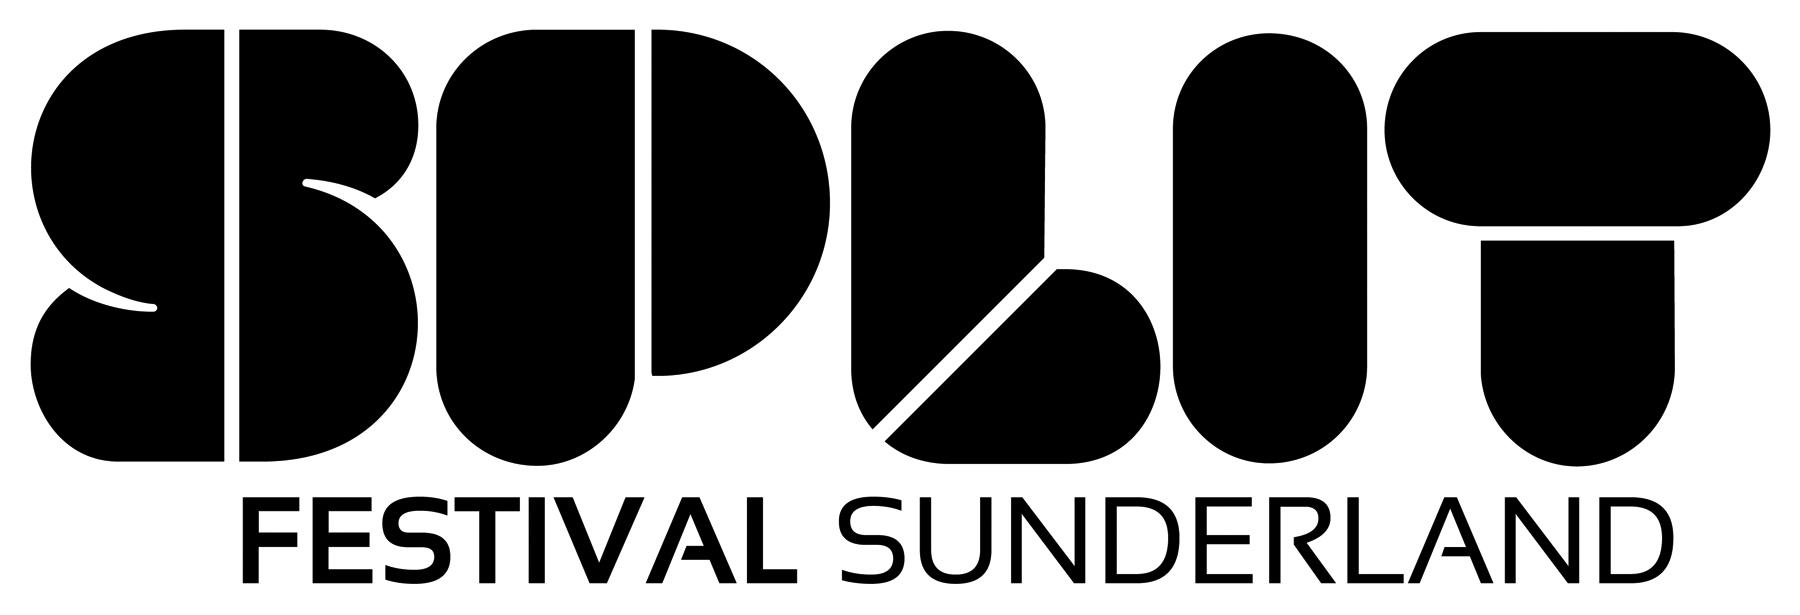 Identity for Sunderland's Split Festival.